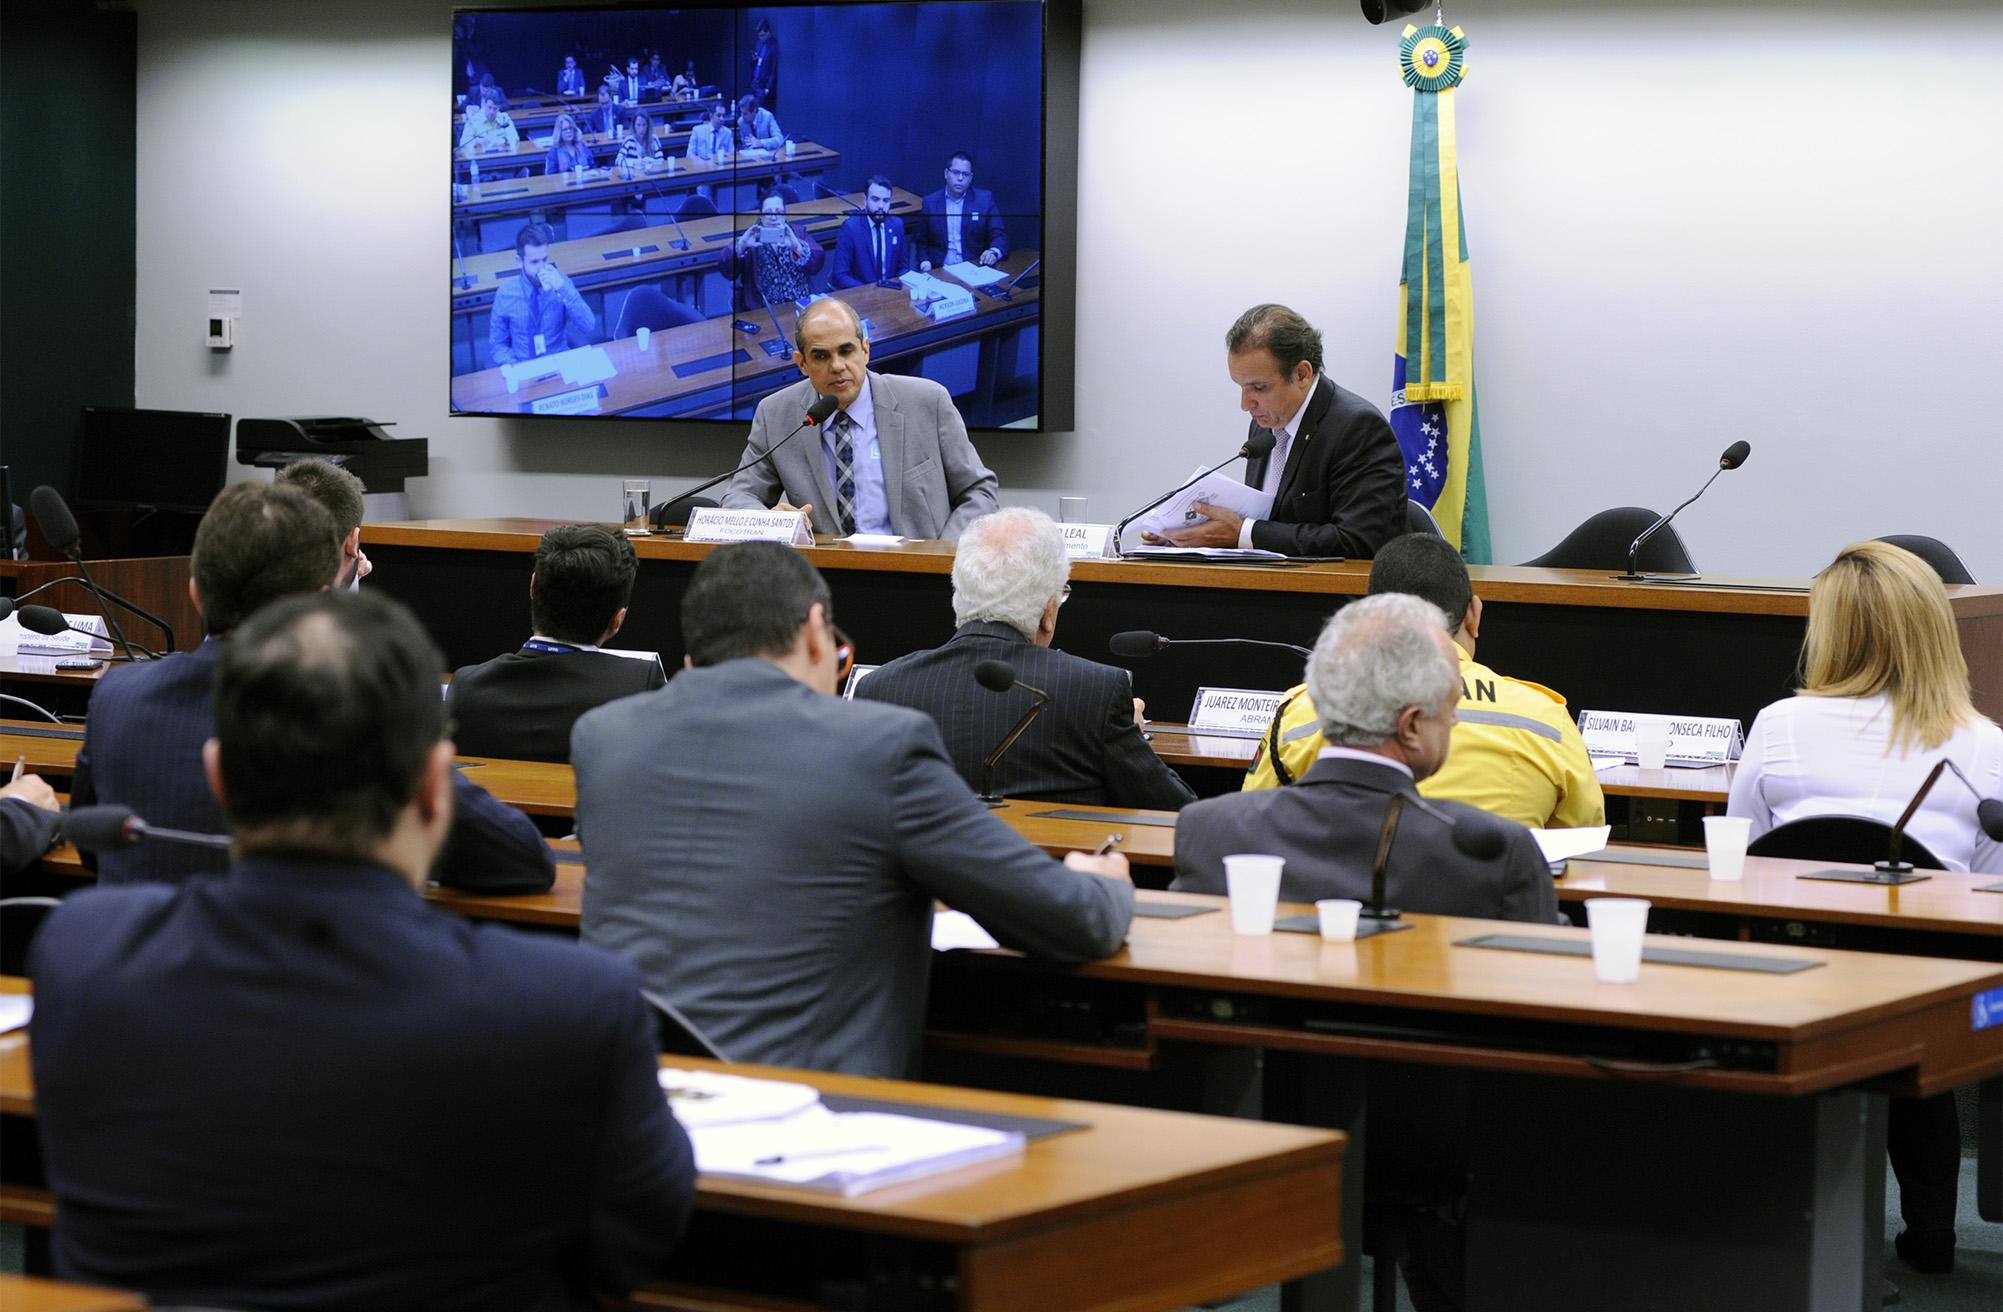 Audiência pública sobre o Plano Nacional de Redução de Mortes e Lesões no Trânsito